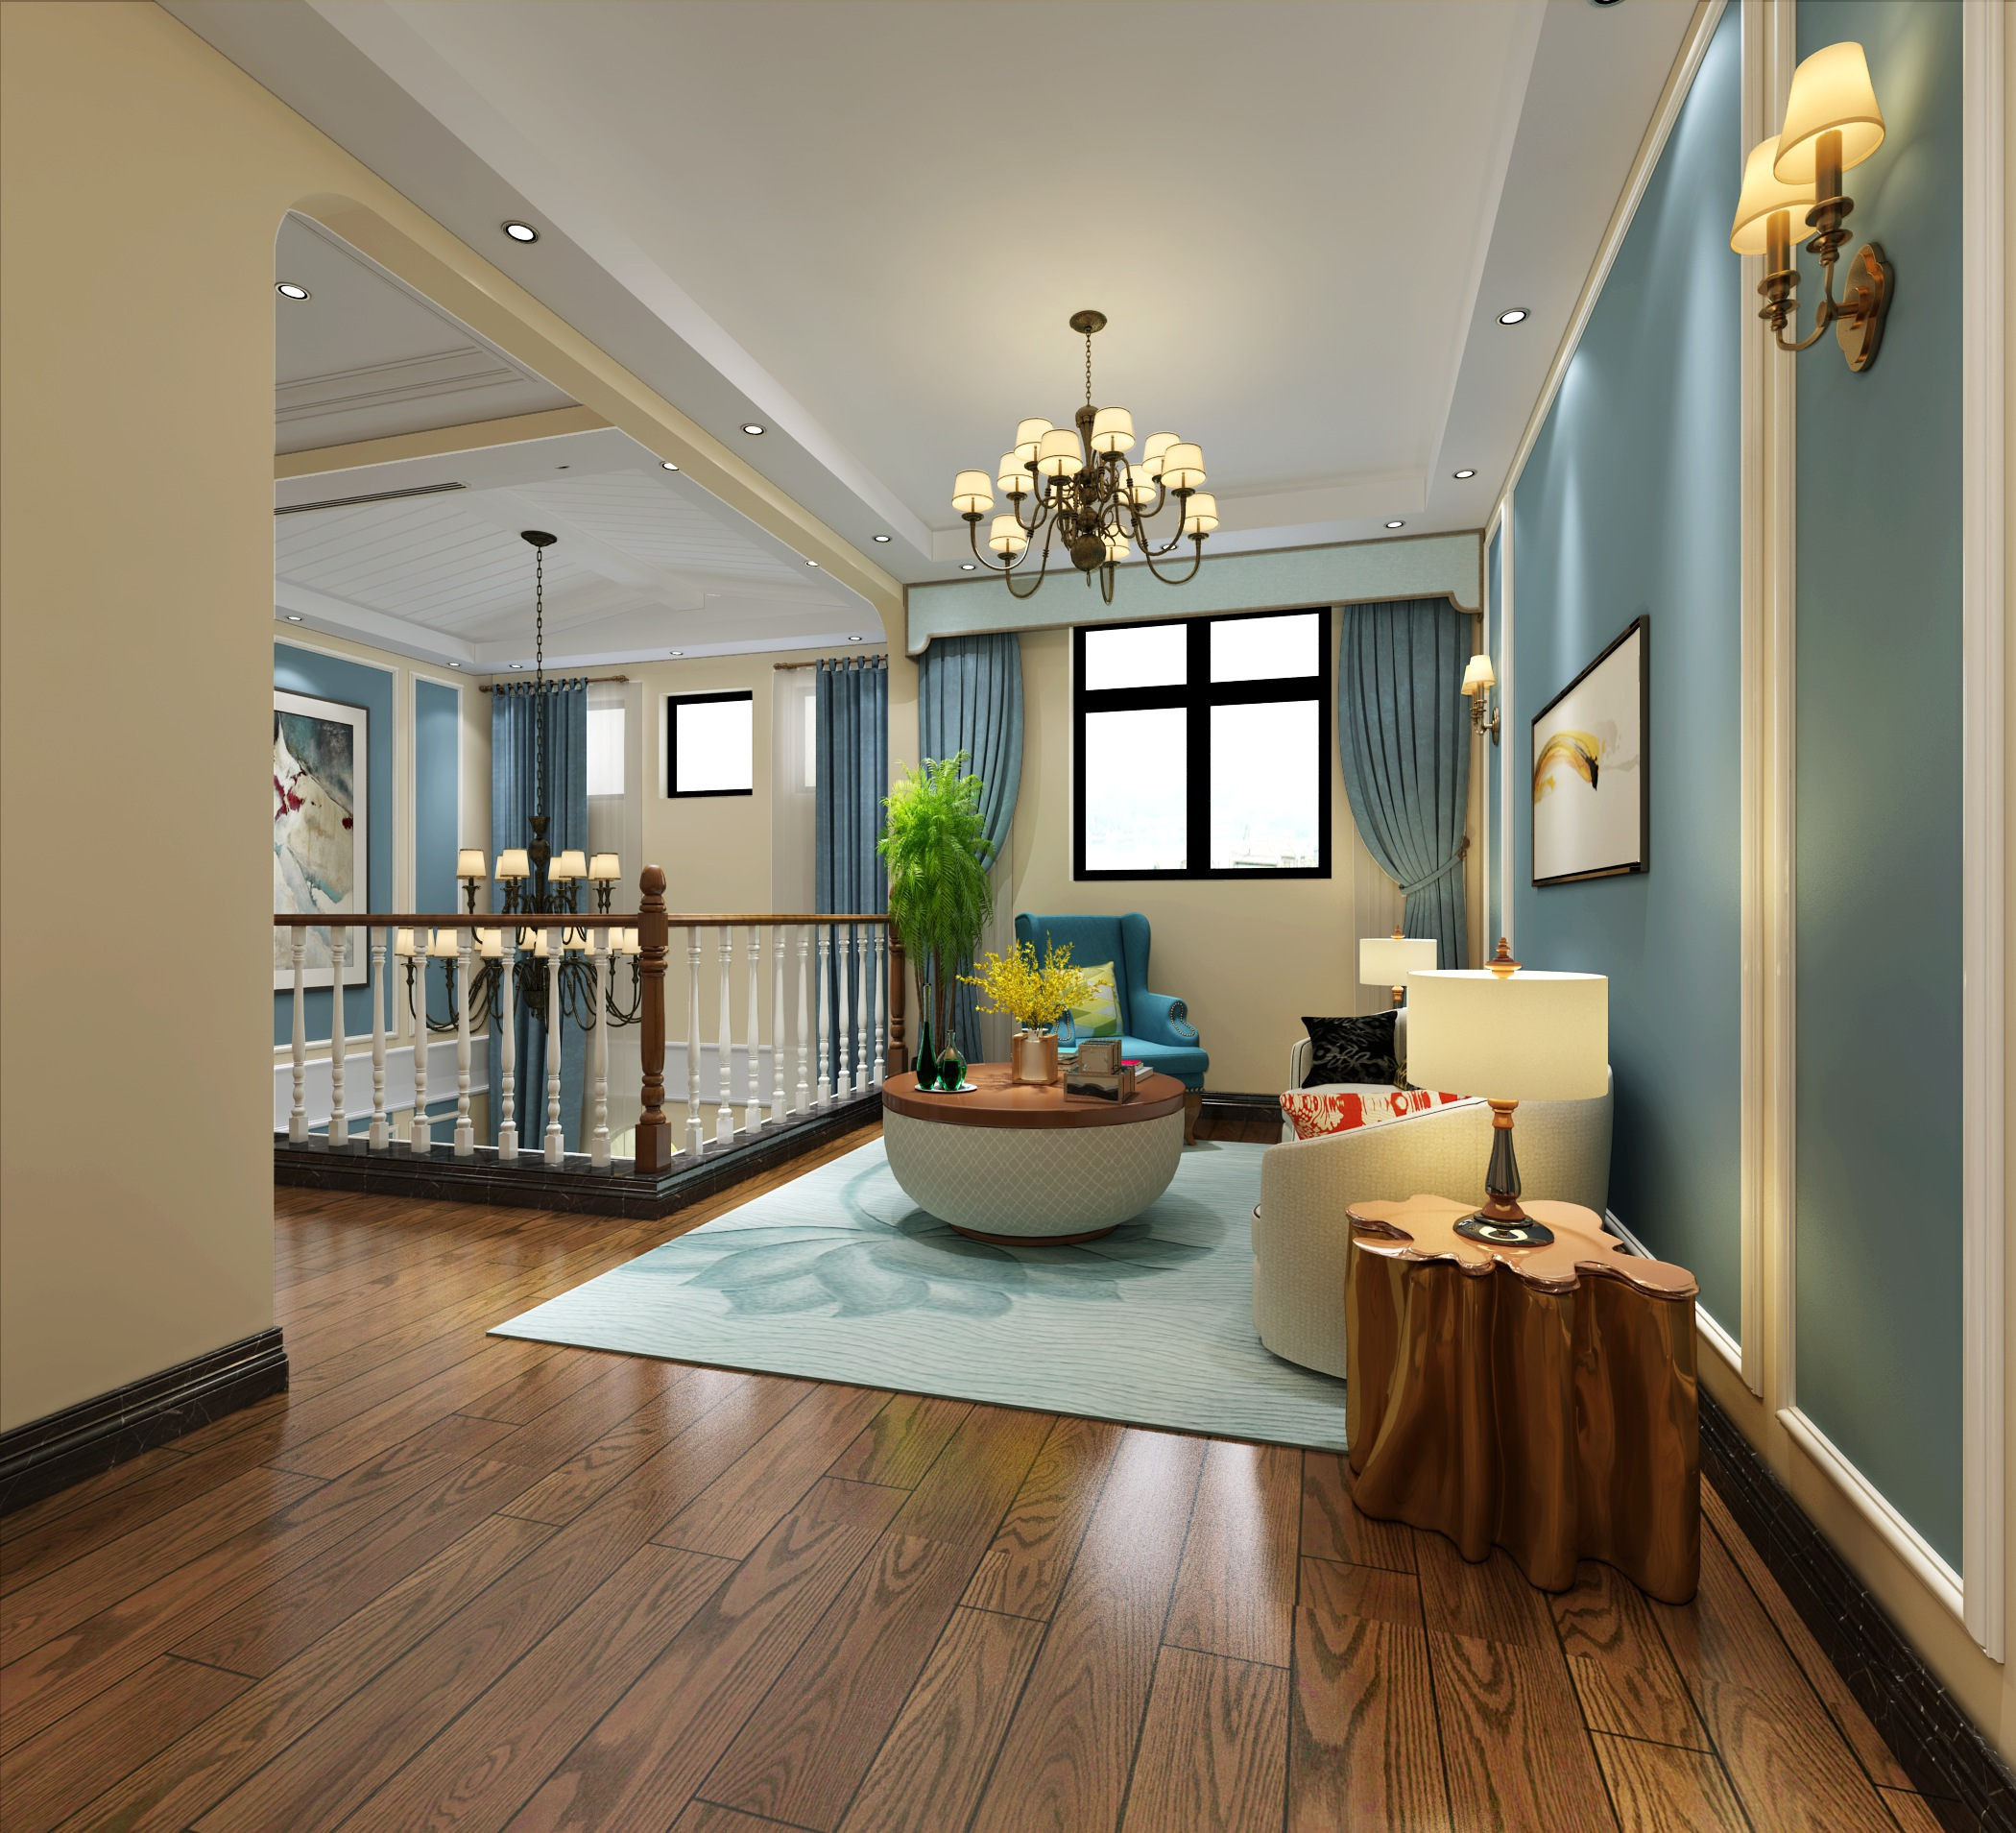 晒晒我的新房装修,美式风格设计深得我心,很洋气!